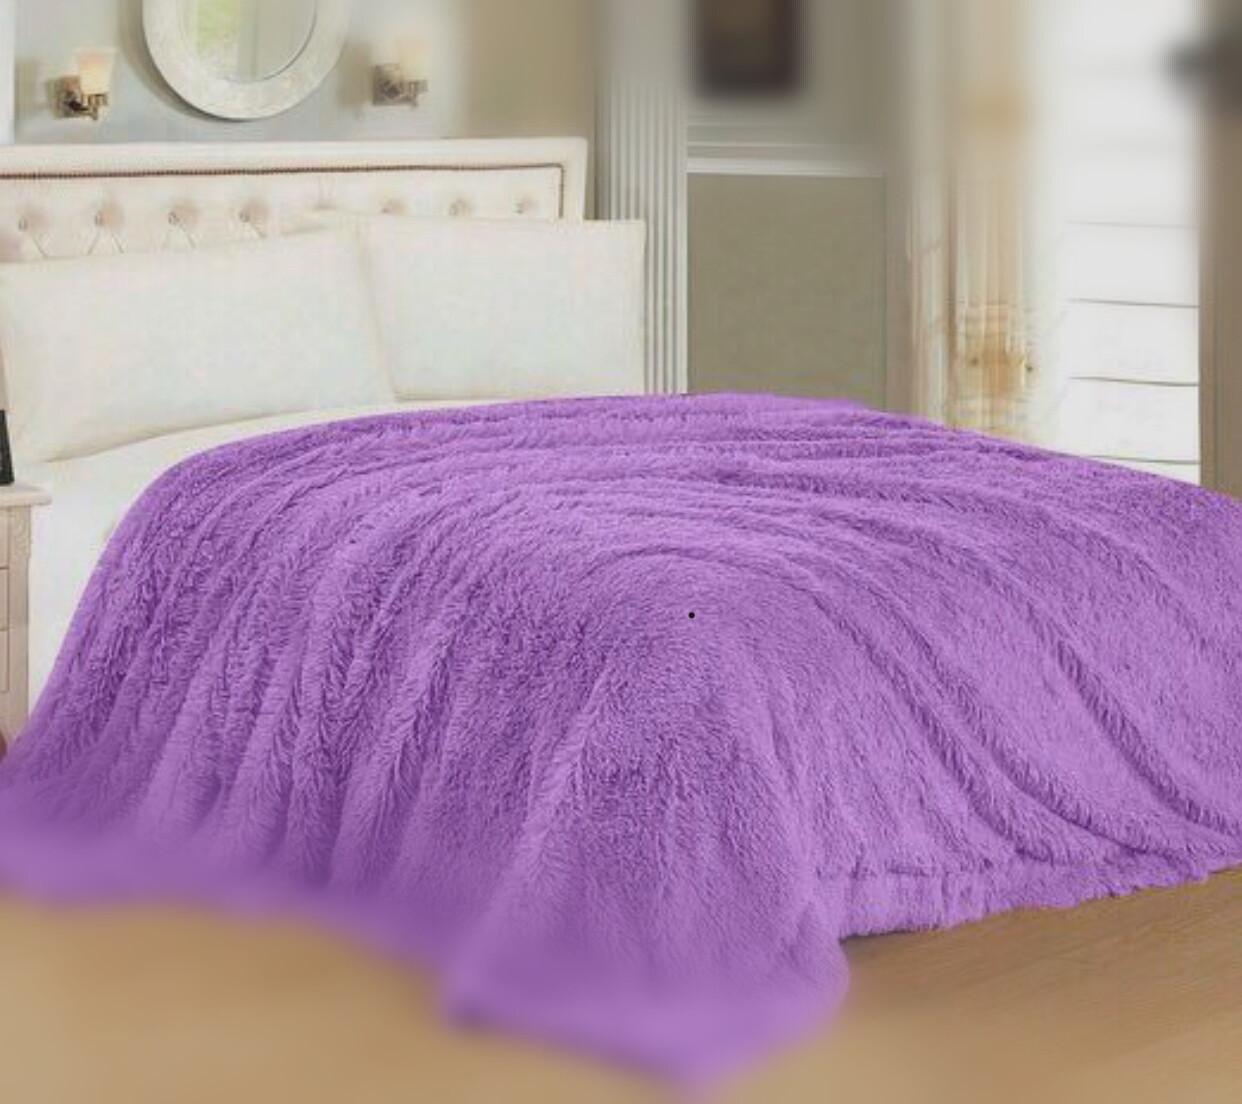 Плед -покрывало/ травка, размер 2,0 спальный, цвет сиреневый